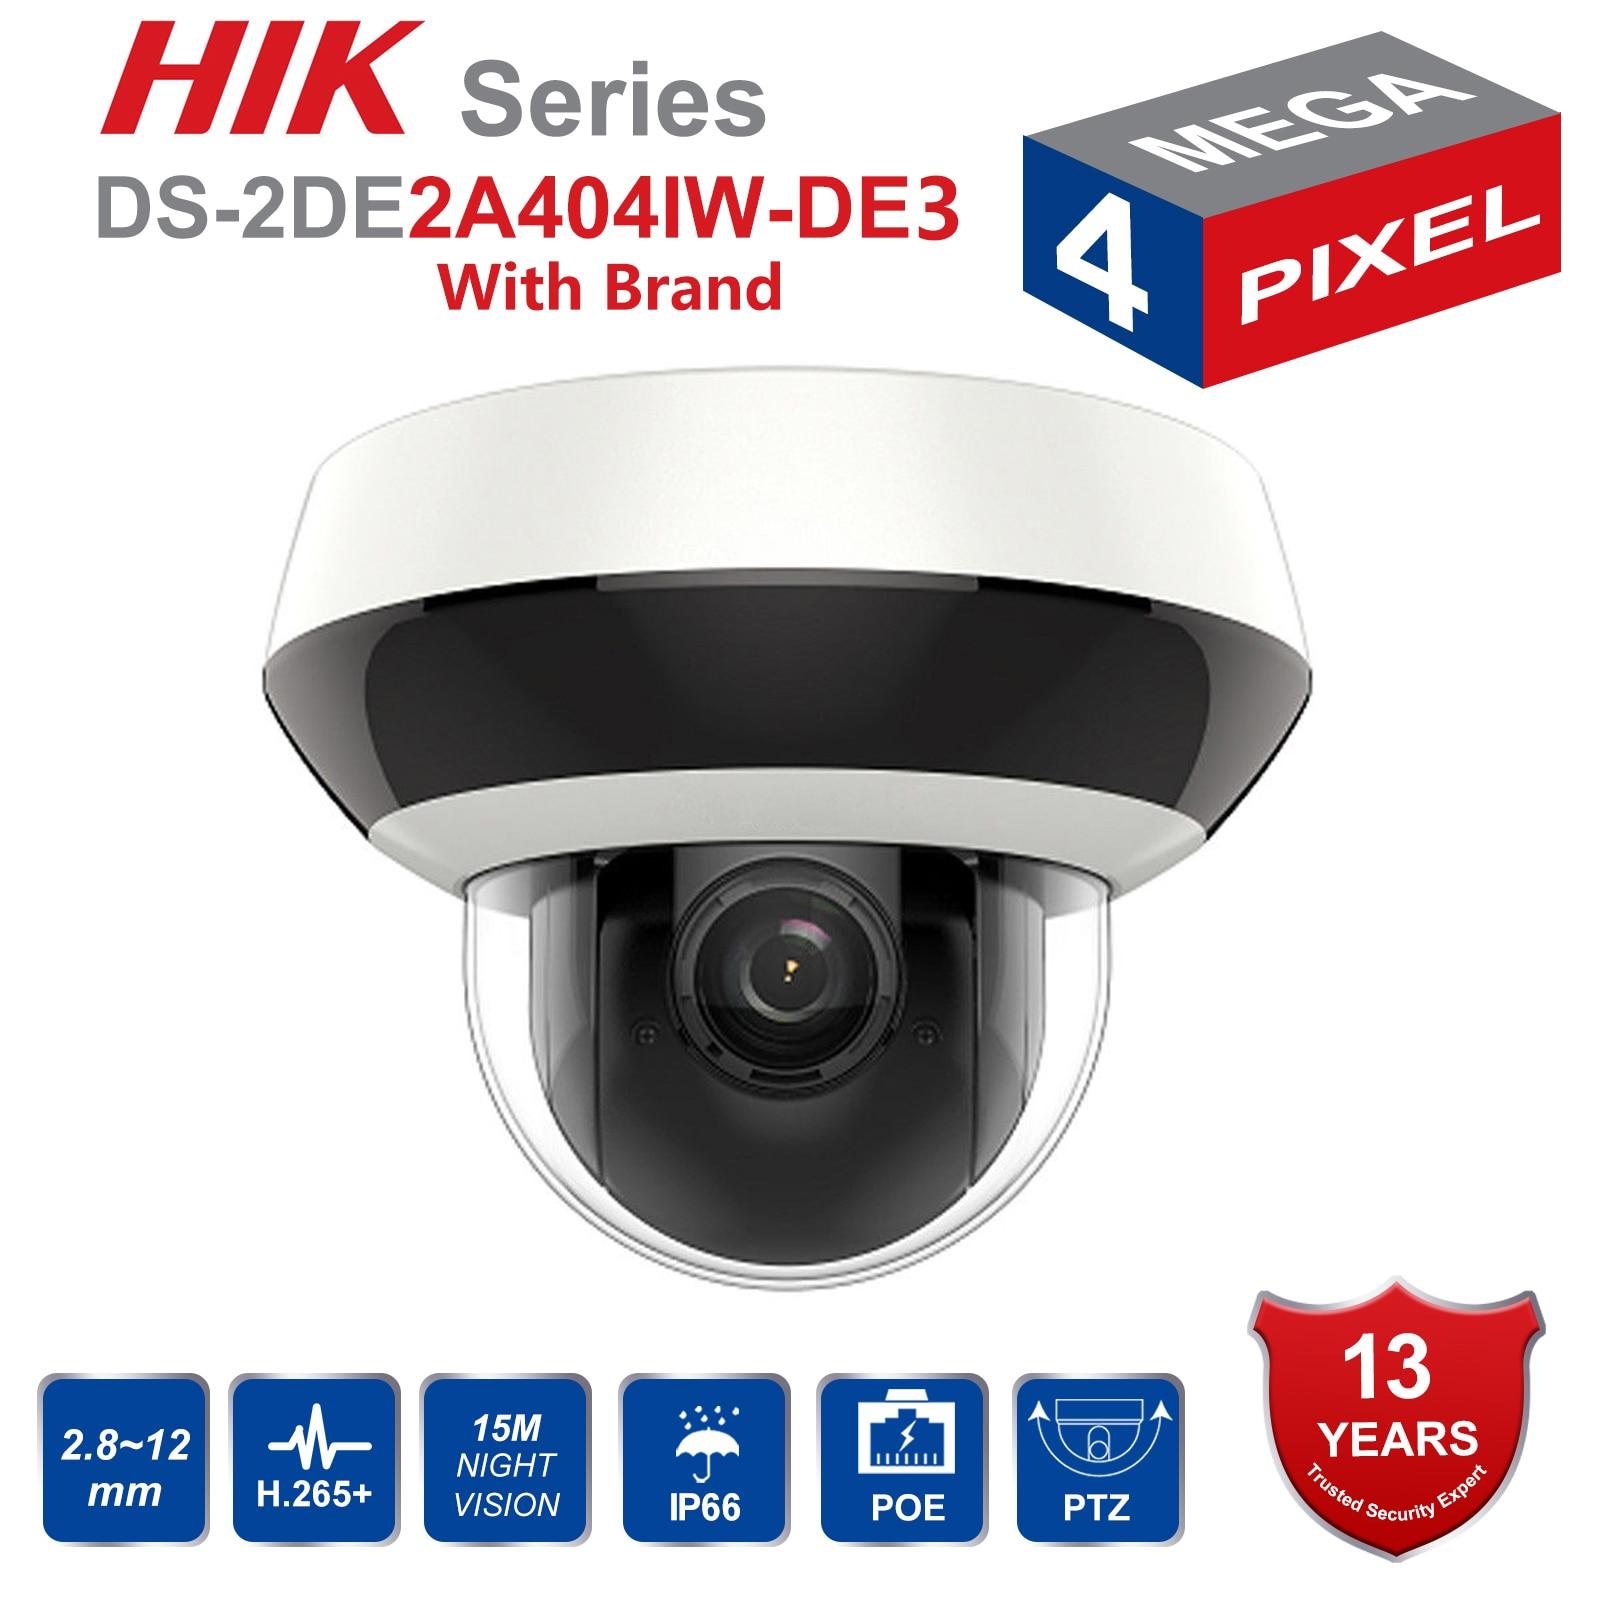 Câmera PTZ IP Hik H.265 DS-2DE2A404IW-DE3 4MP 4X Zoom 2.8-12mm lente POE Dome CCTV de Vigilância de Vídeo em Rede câmera com Áudio